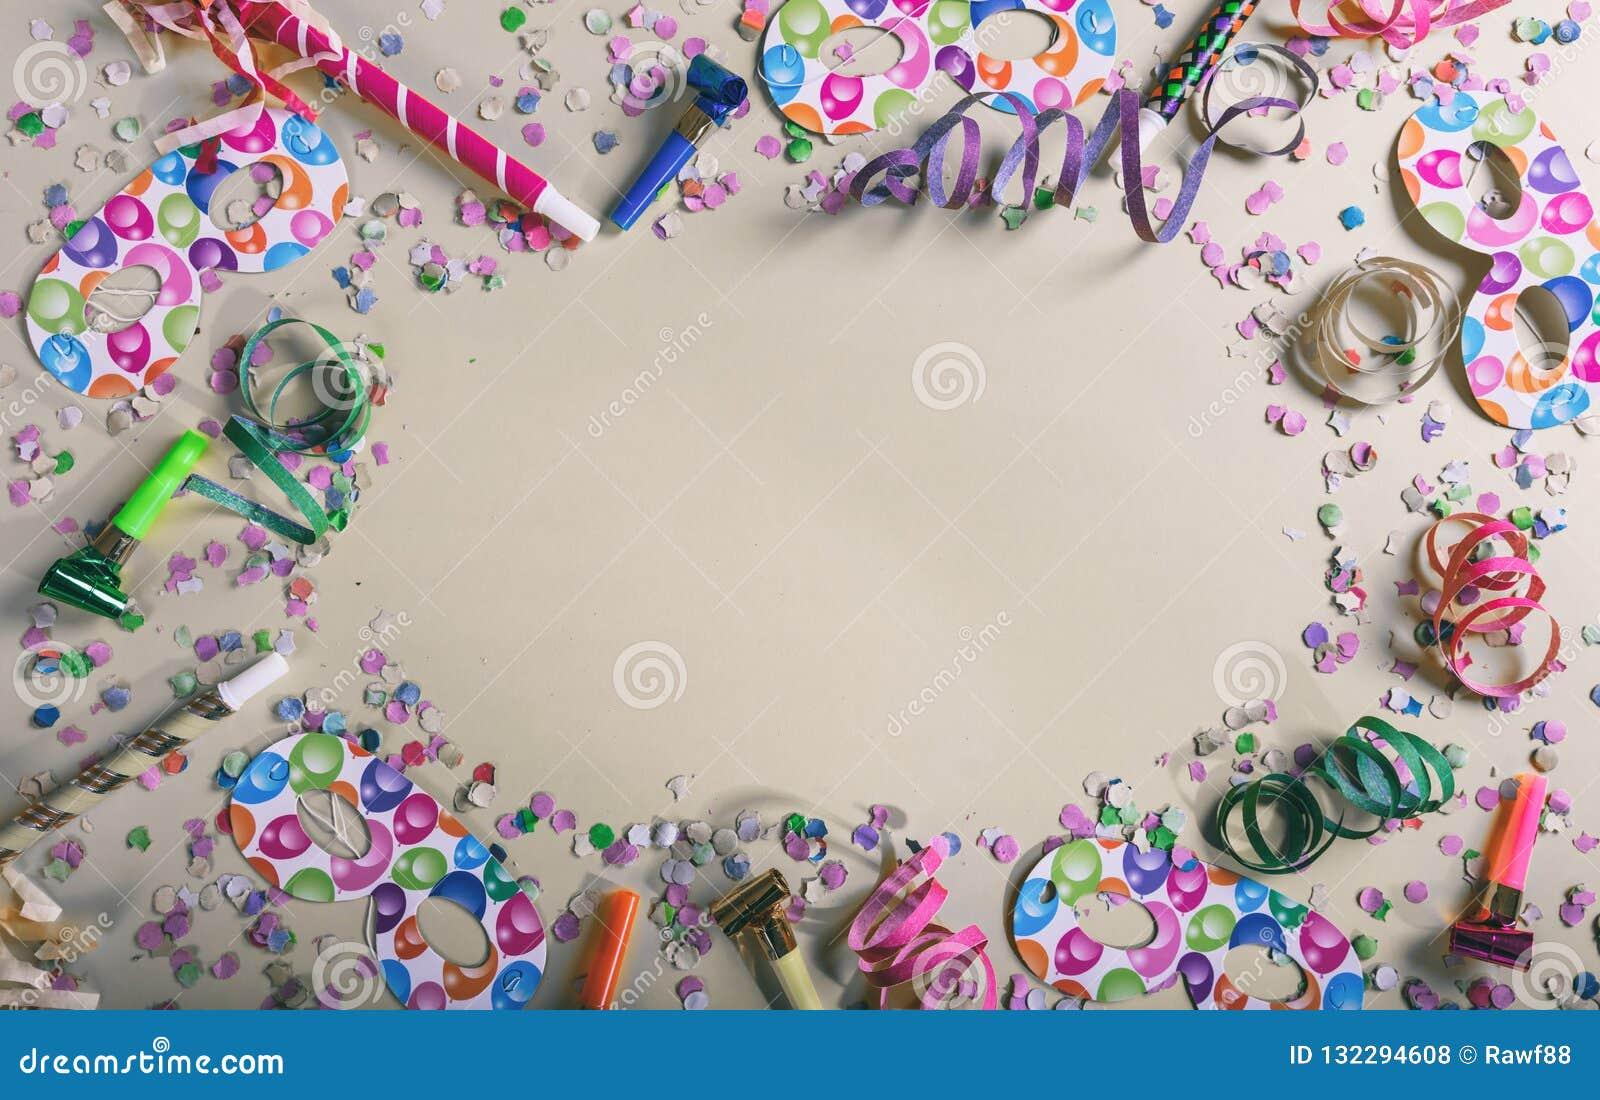 Καρναβάλι ή γιορτή γενεθλίων Κομφετί και serpentines στο γκρίζο υπόβαθρο κρητιδογραφιών